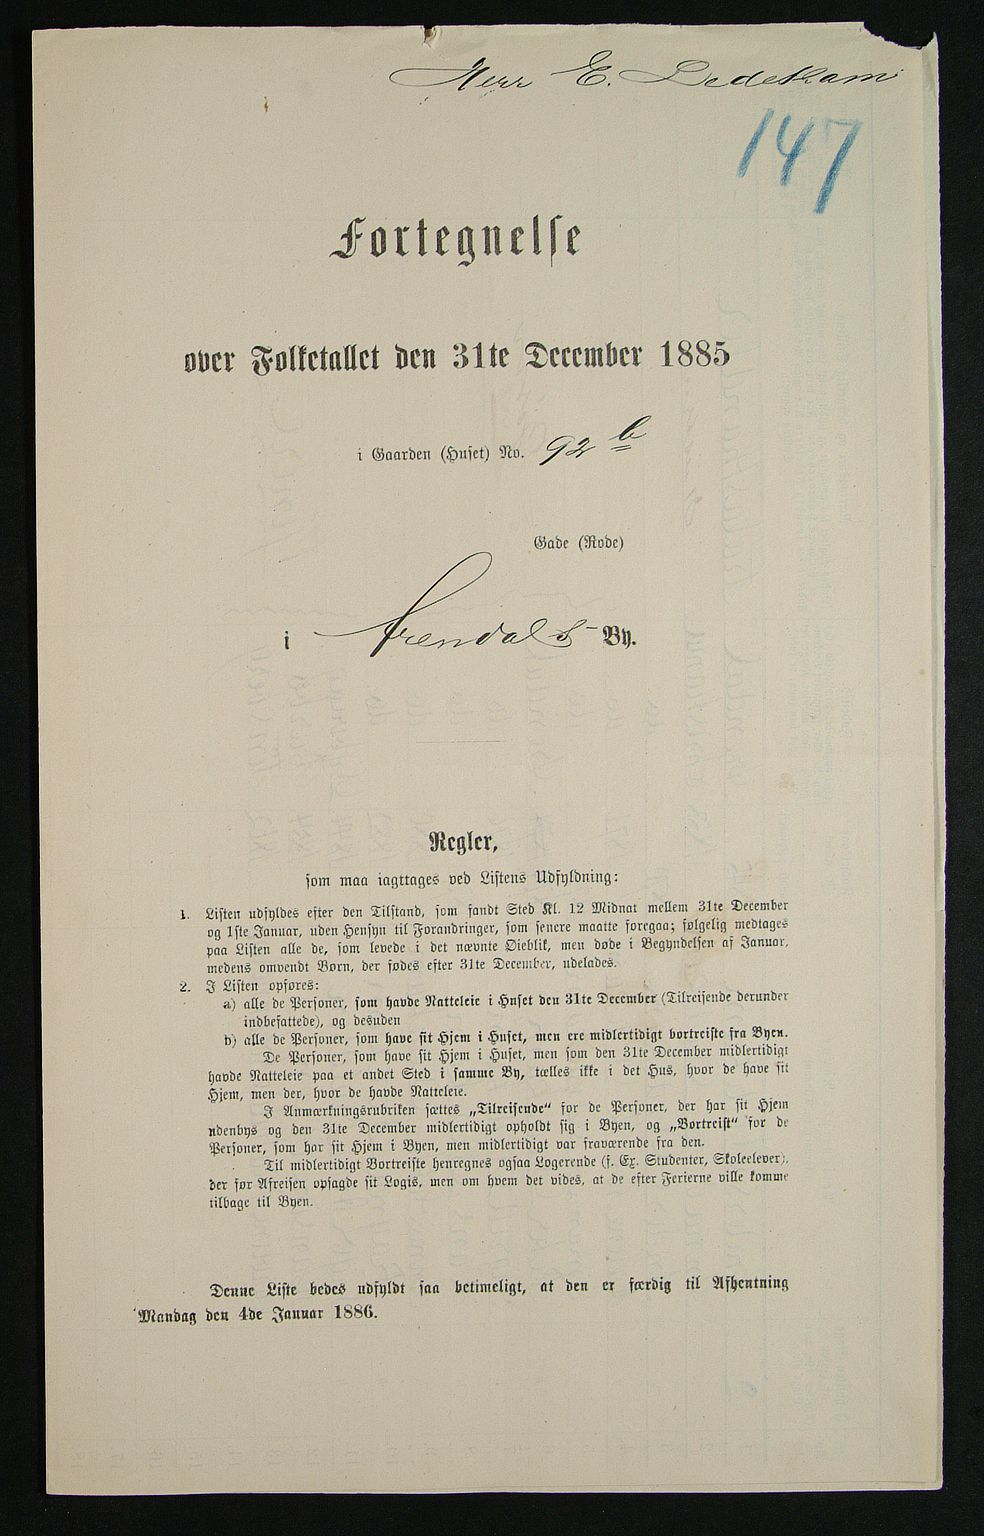 SAK, Folketelling 1885 for 0903 Arendal kjøpstad, 1885, s. 147